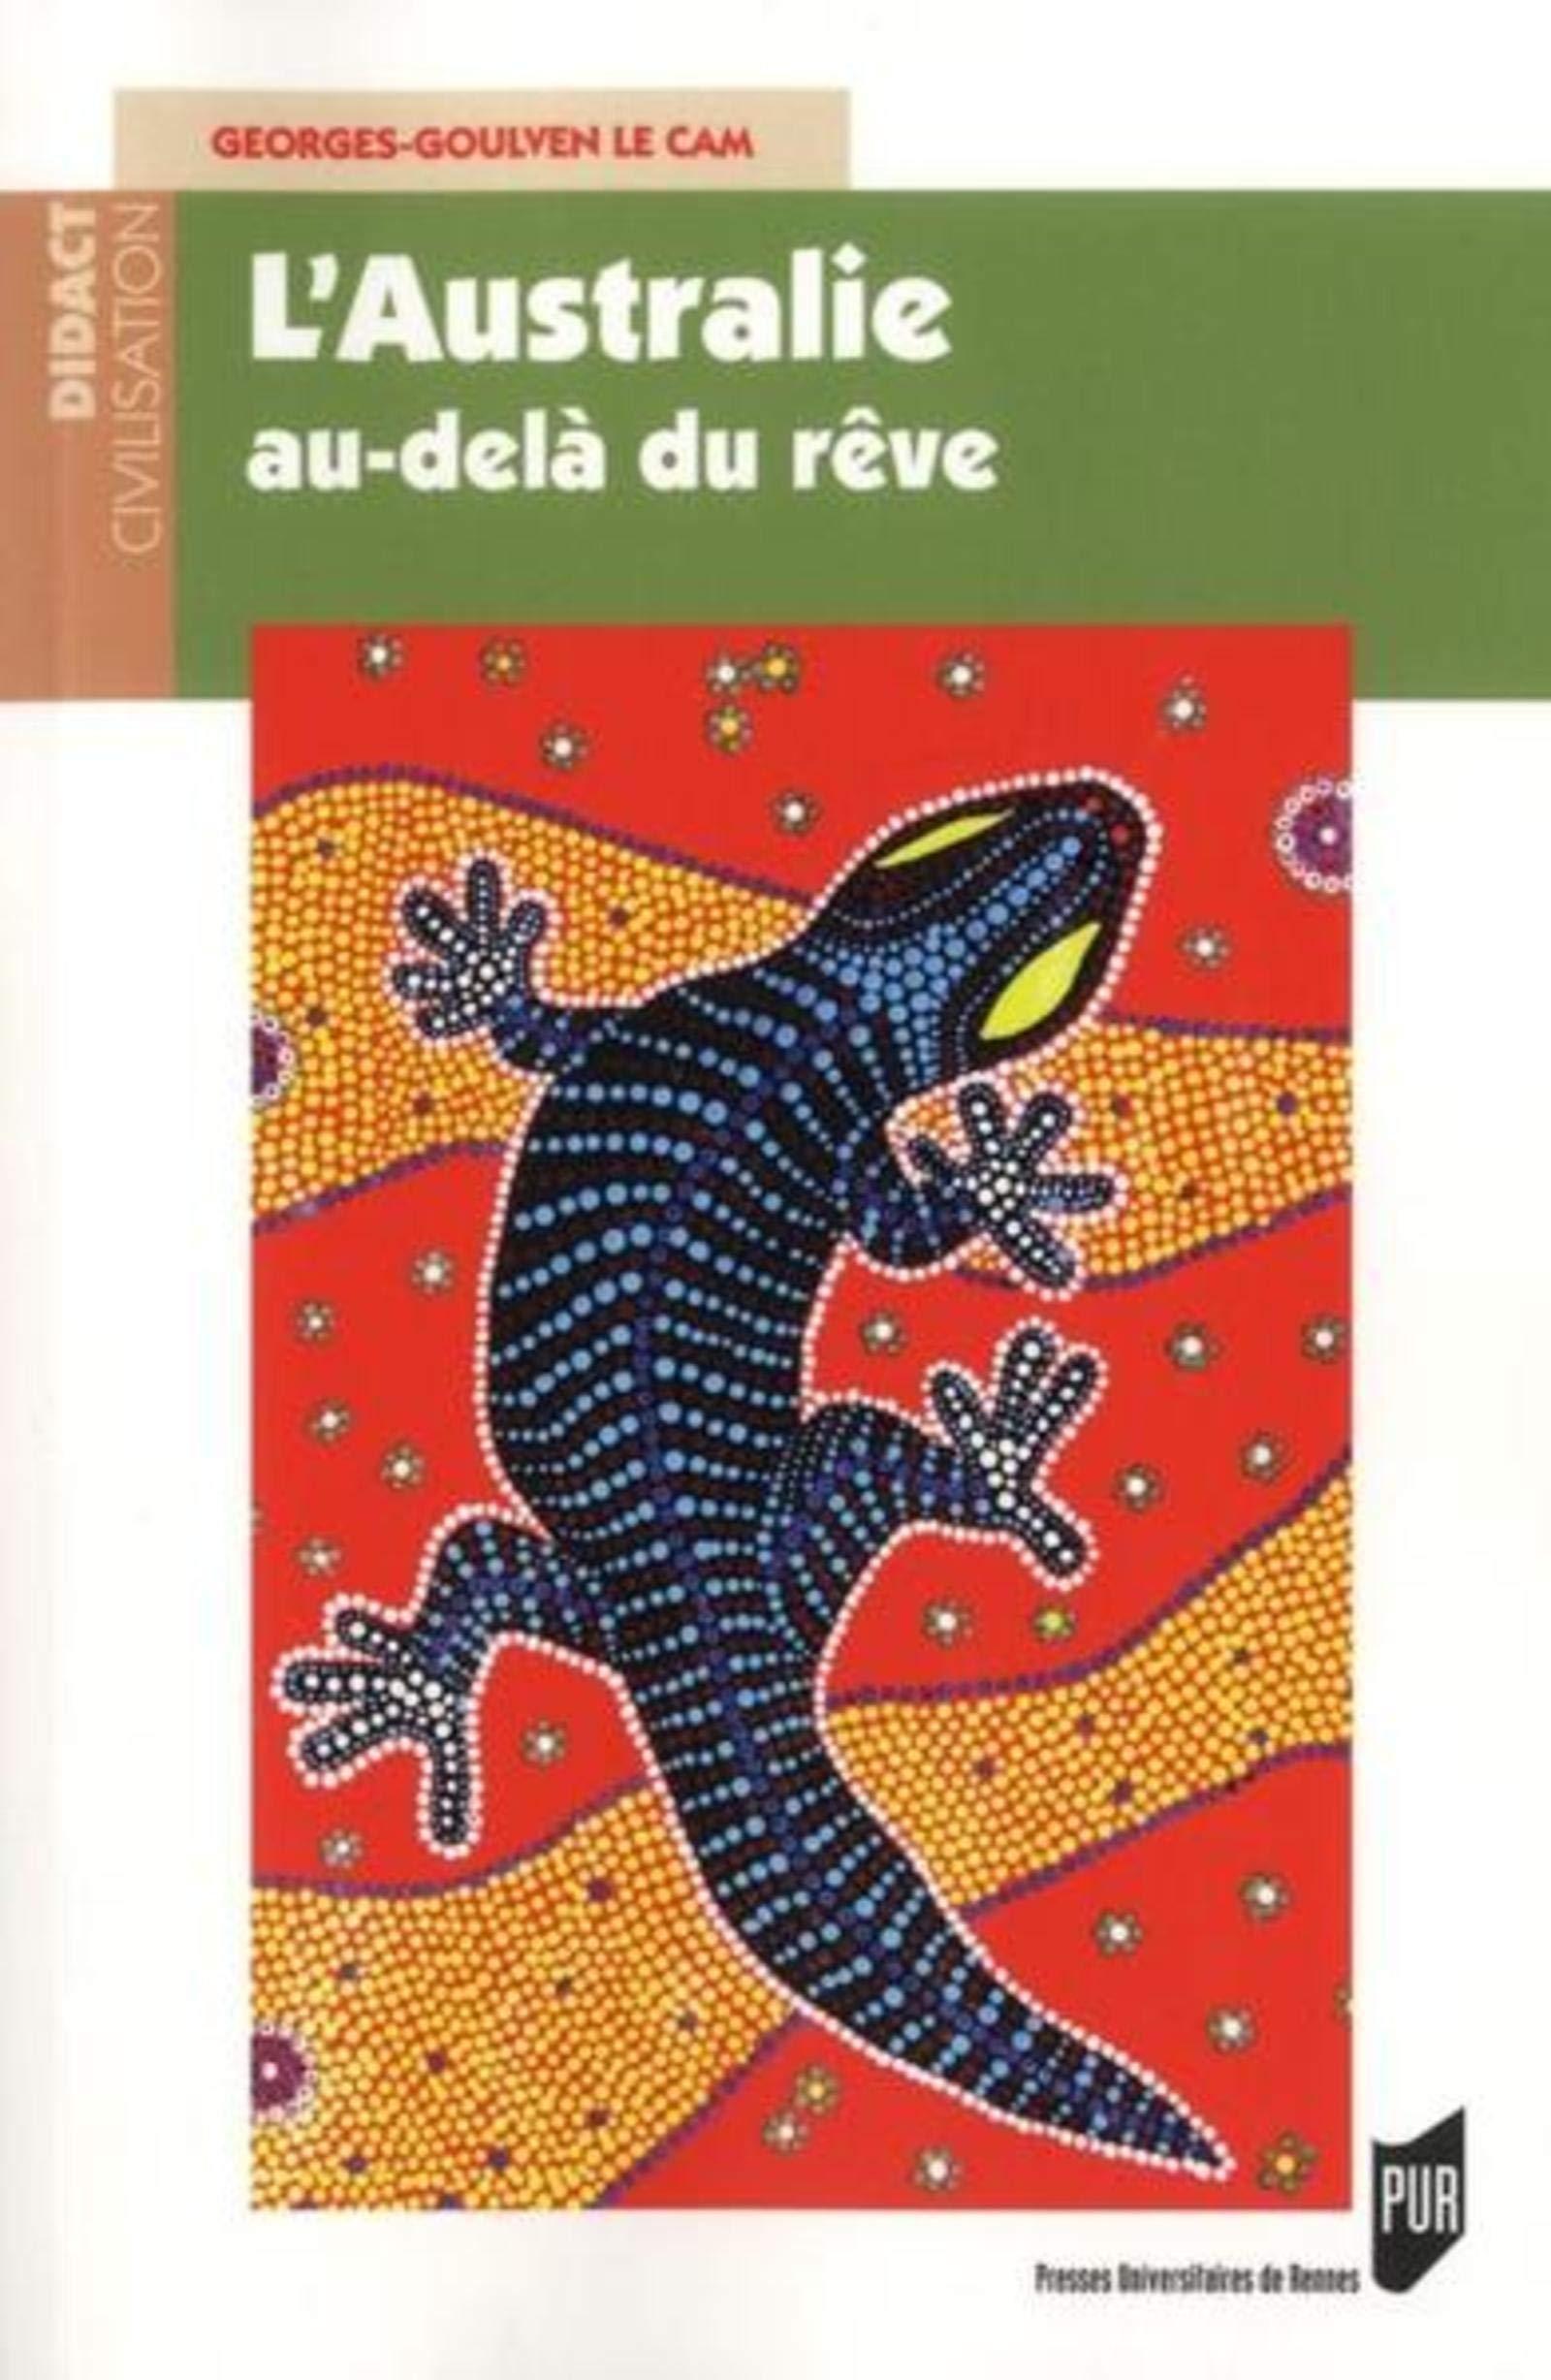 Australie Au Dela Du Reve Didact Civilisation Le Cam Georges Goulven 9782753514218 Amazon Com Books